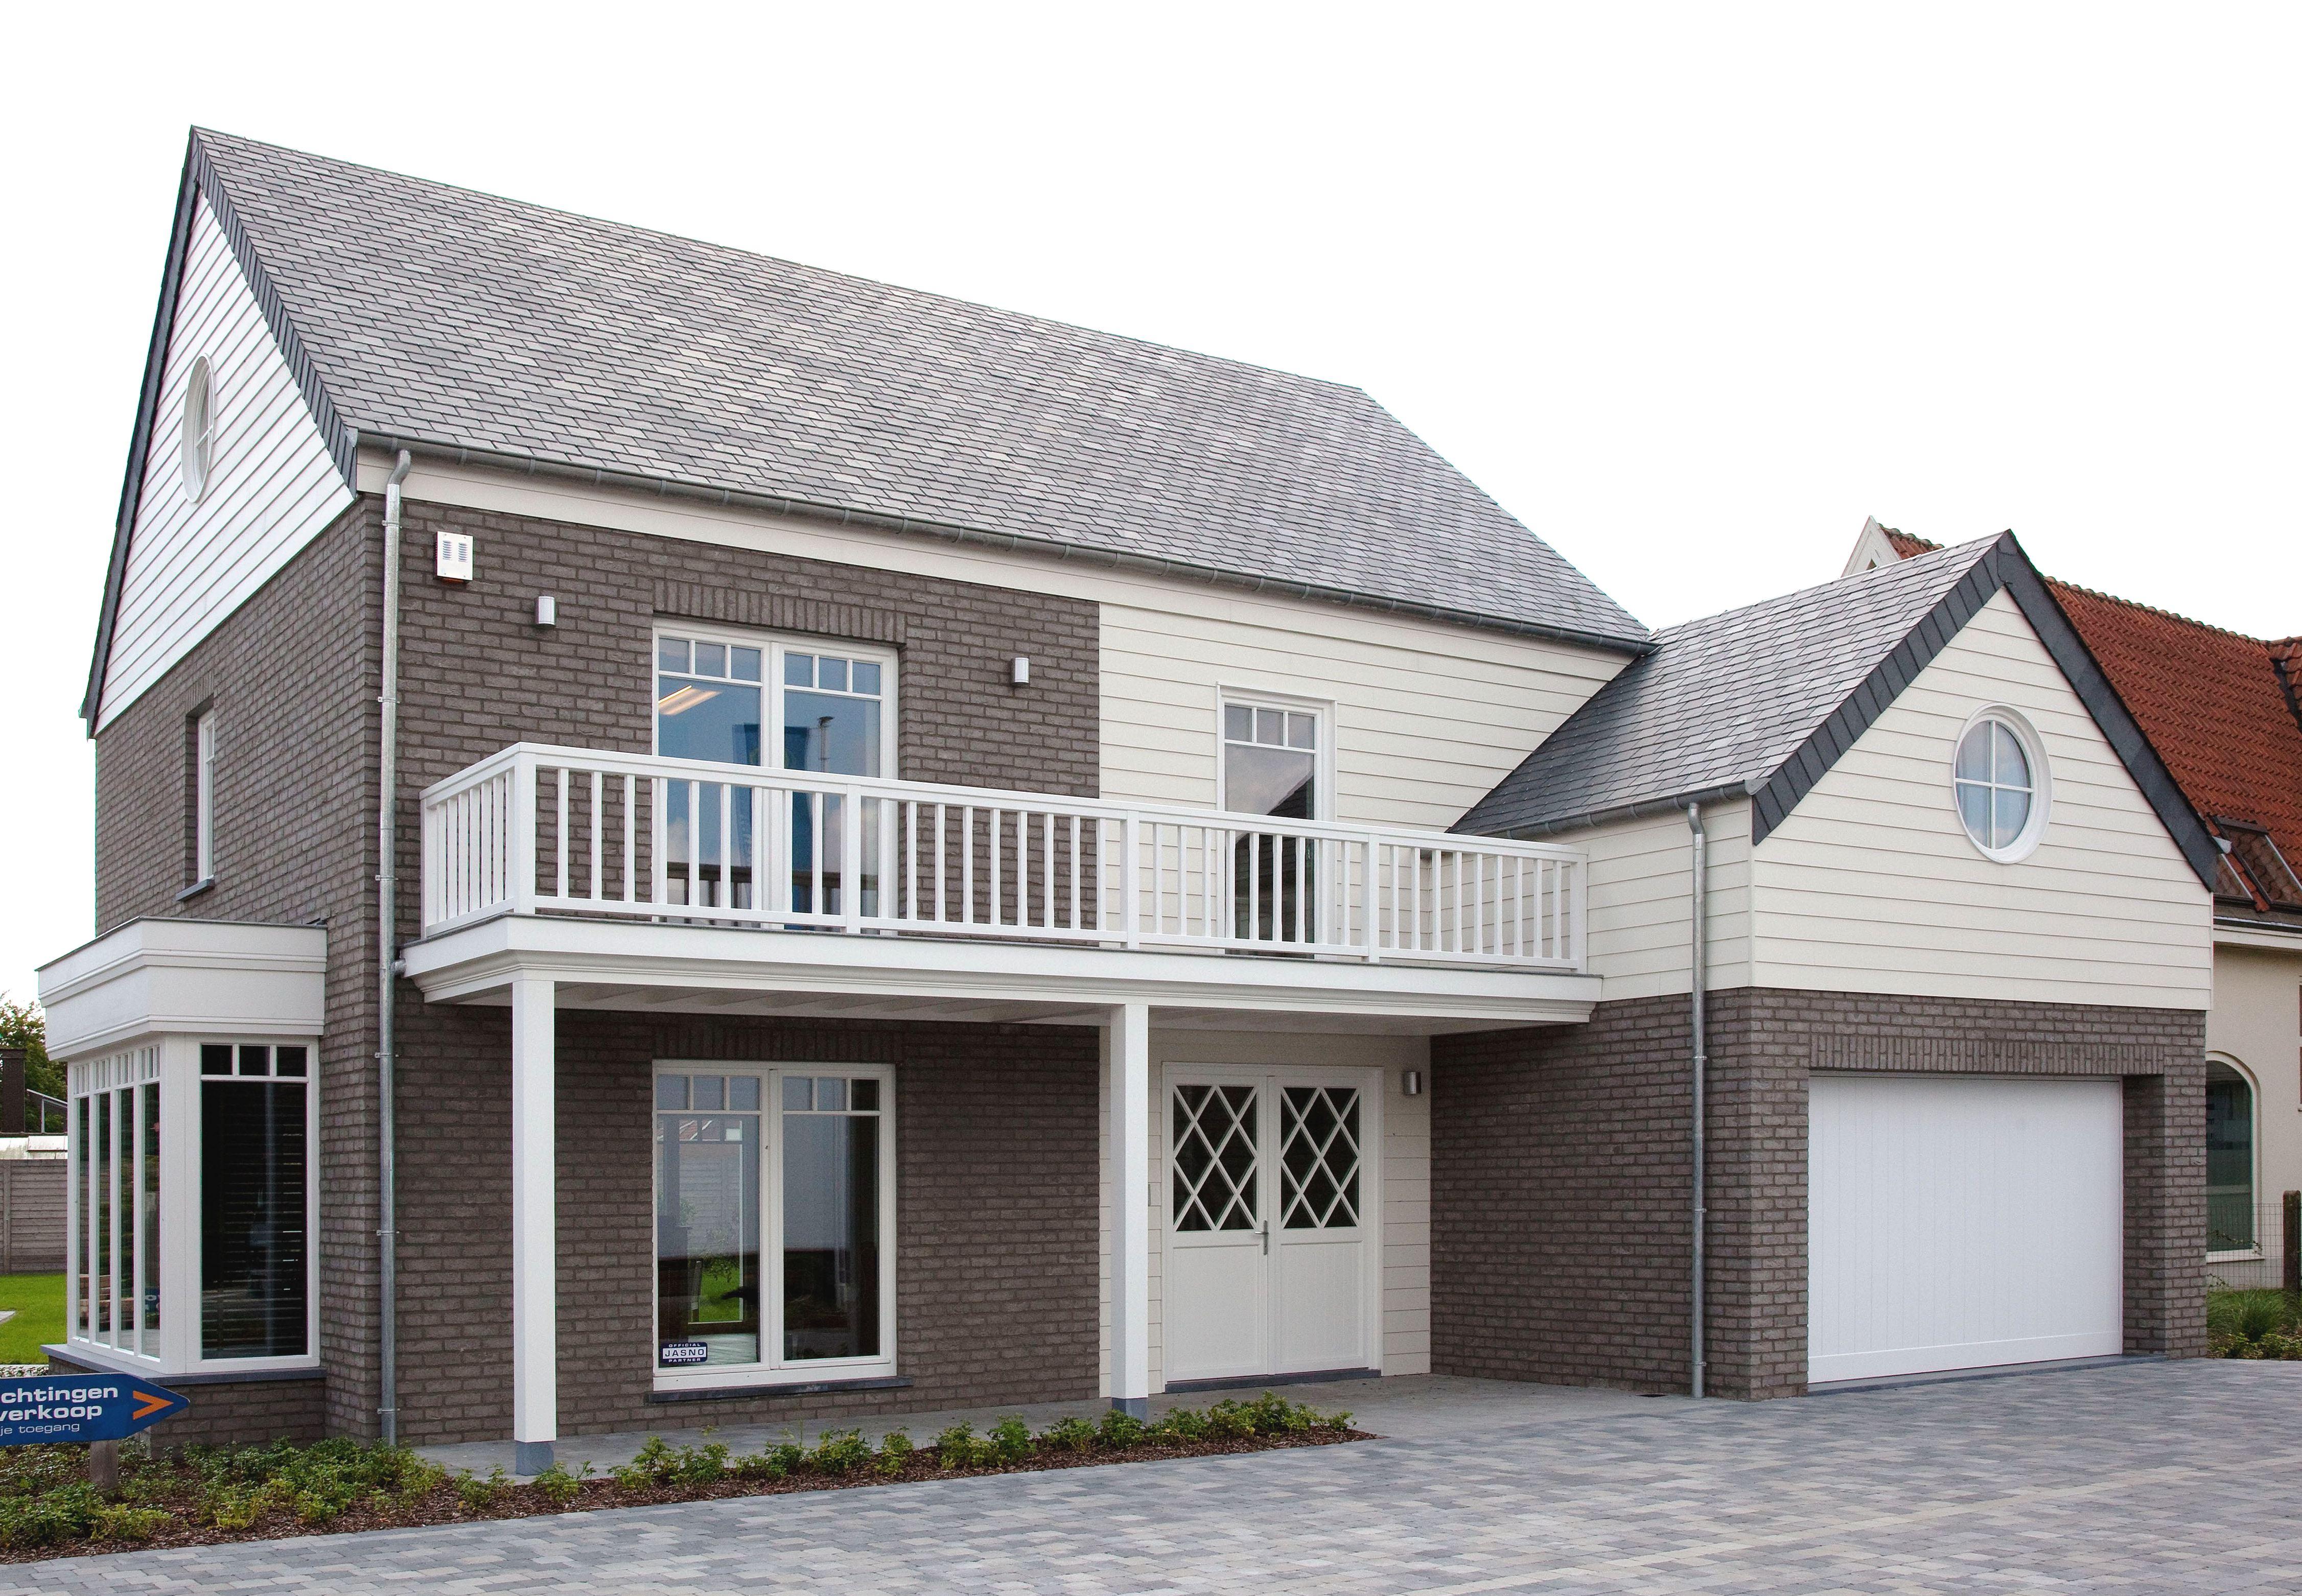 Amerikaanse bouwstijl bouwen met la casa is kiezen voor